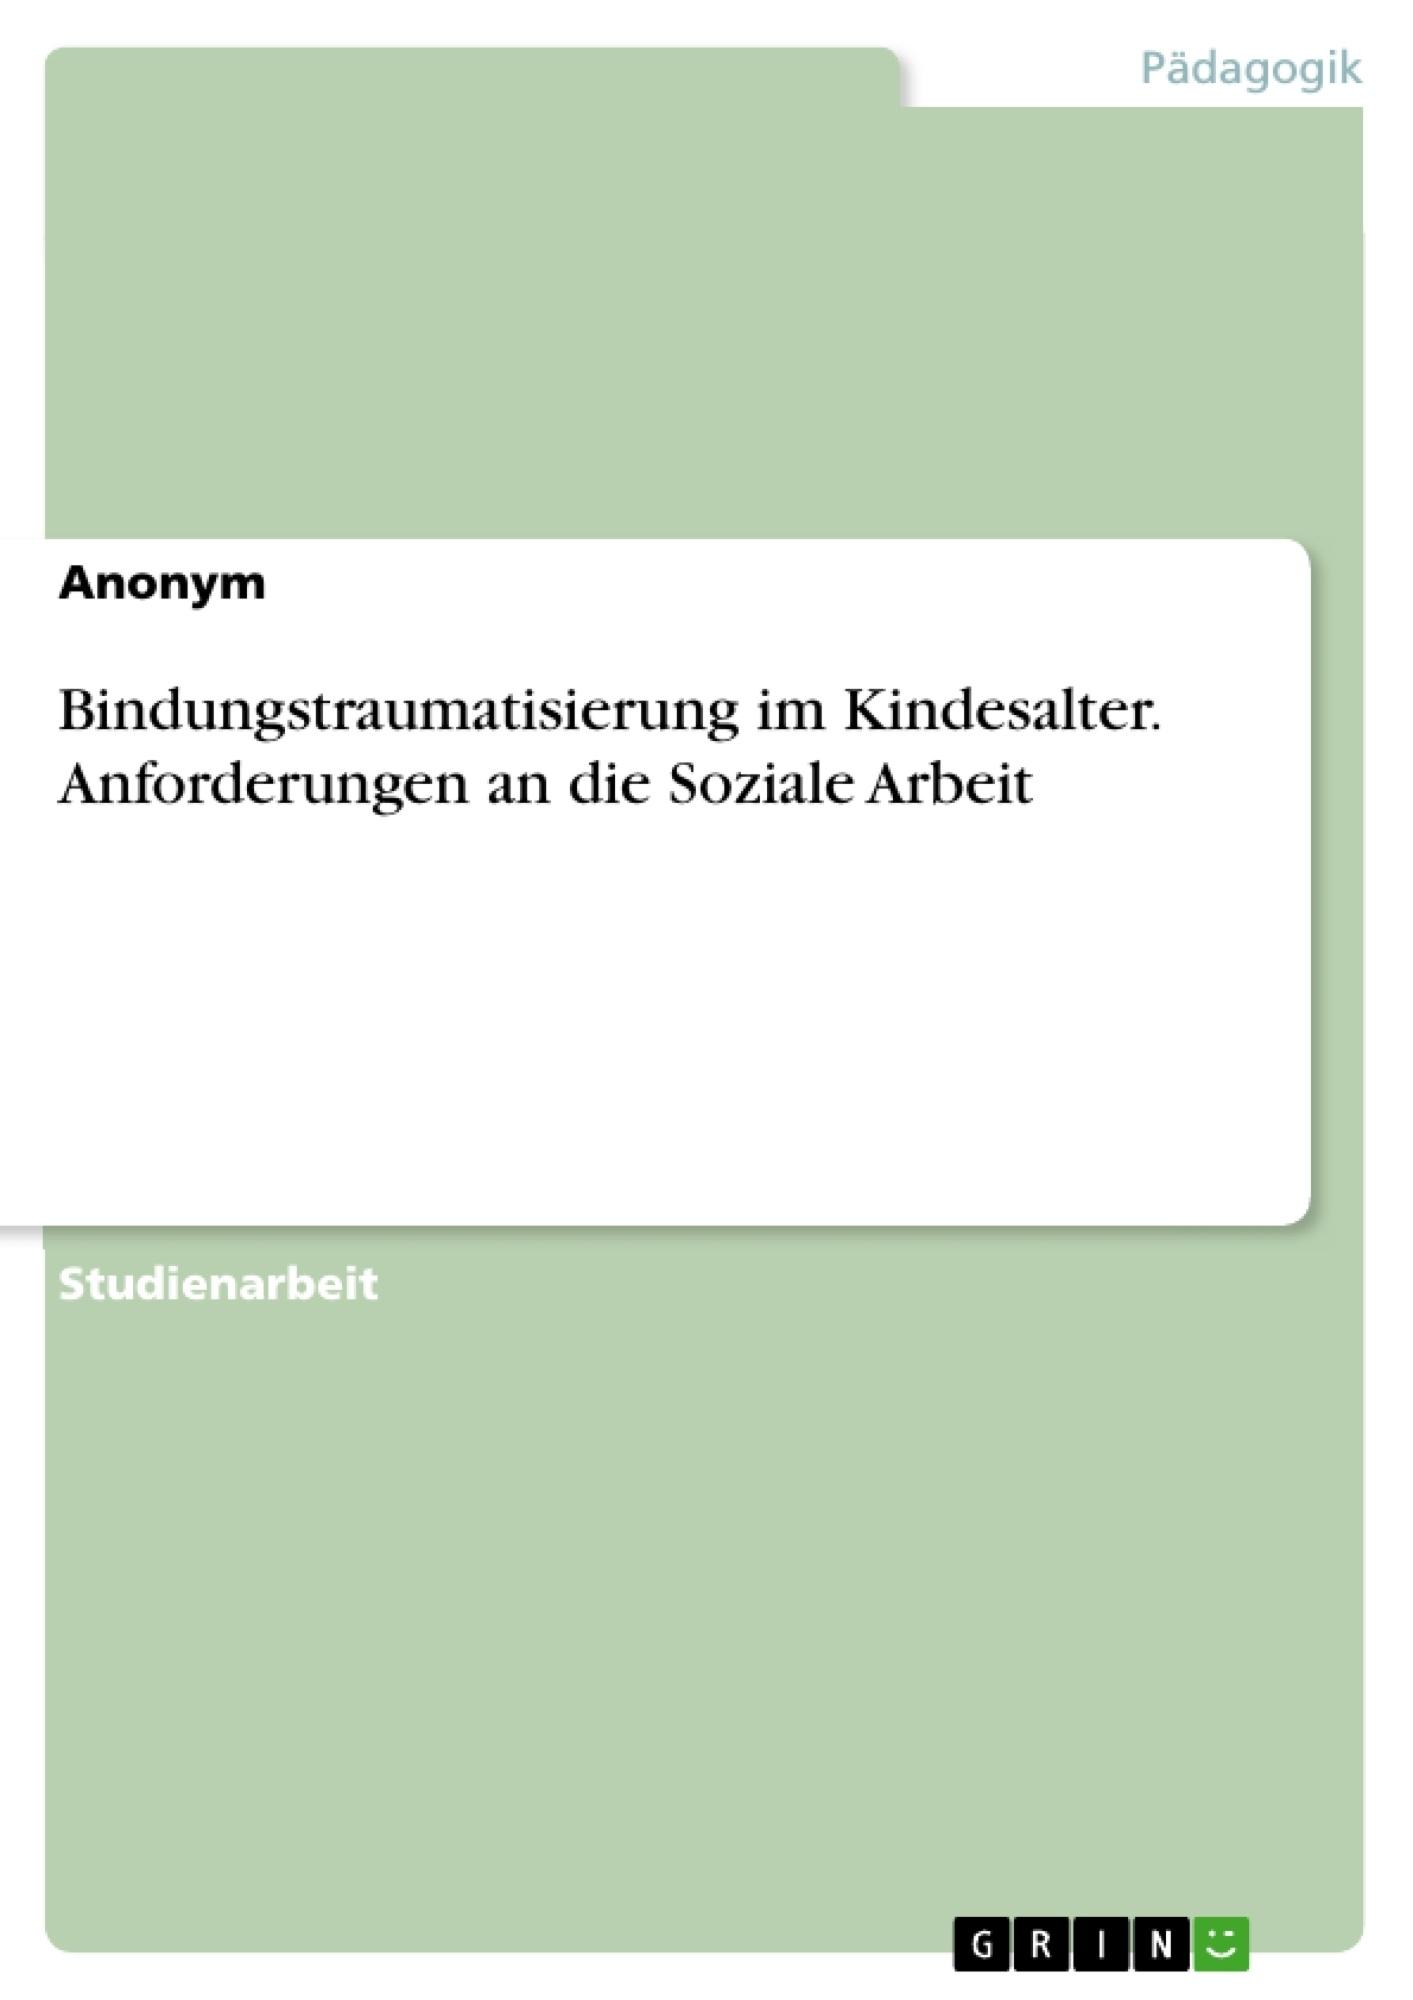 Titel: Bindungstraumatisierung im Kindesalter. Anforderungen an die Soziale Arbeit